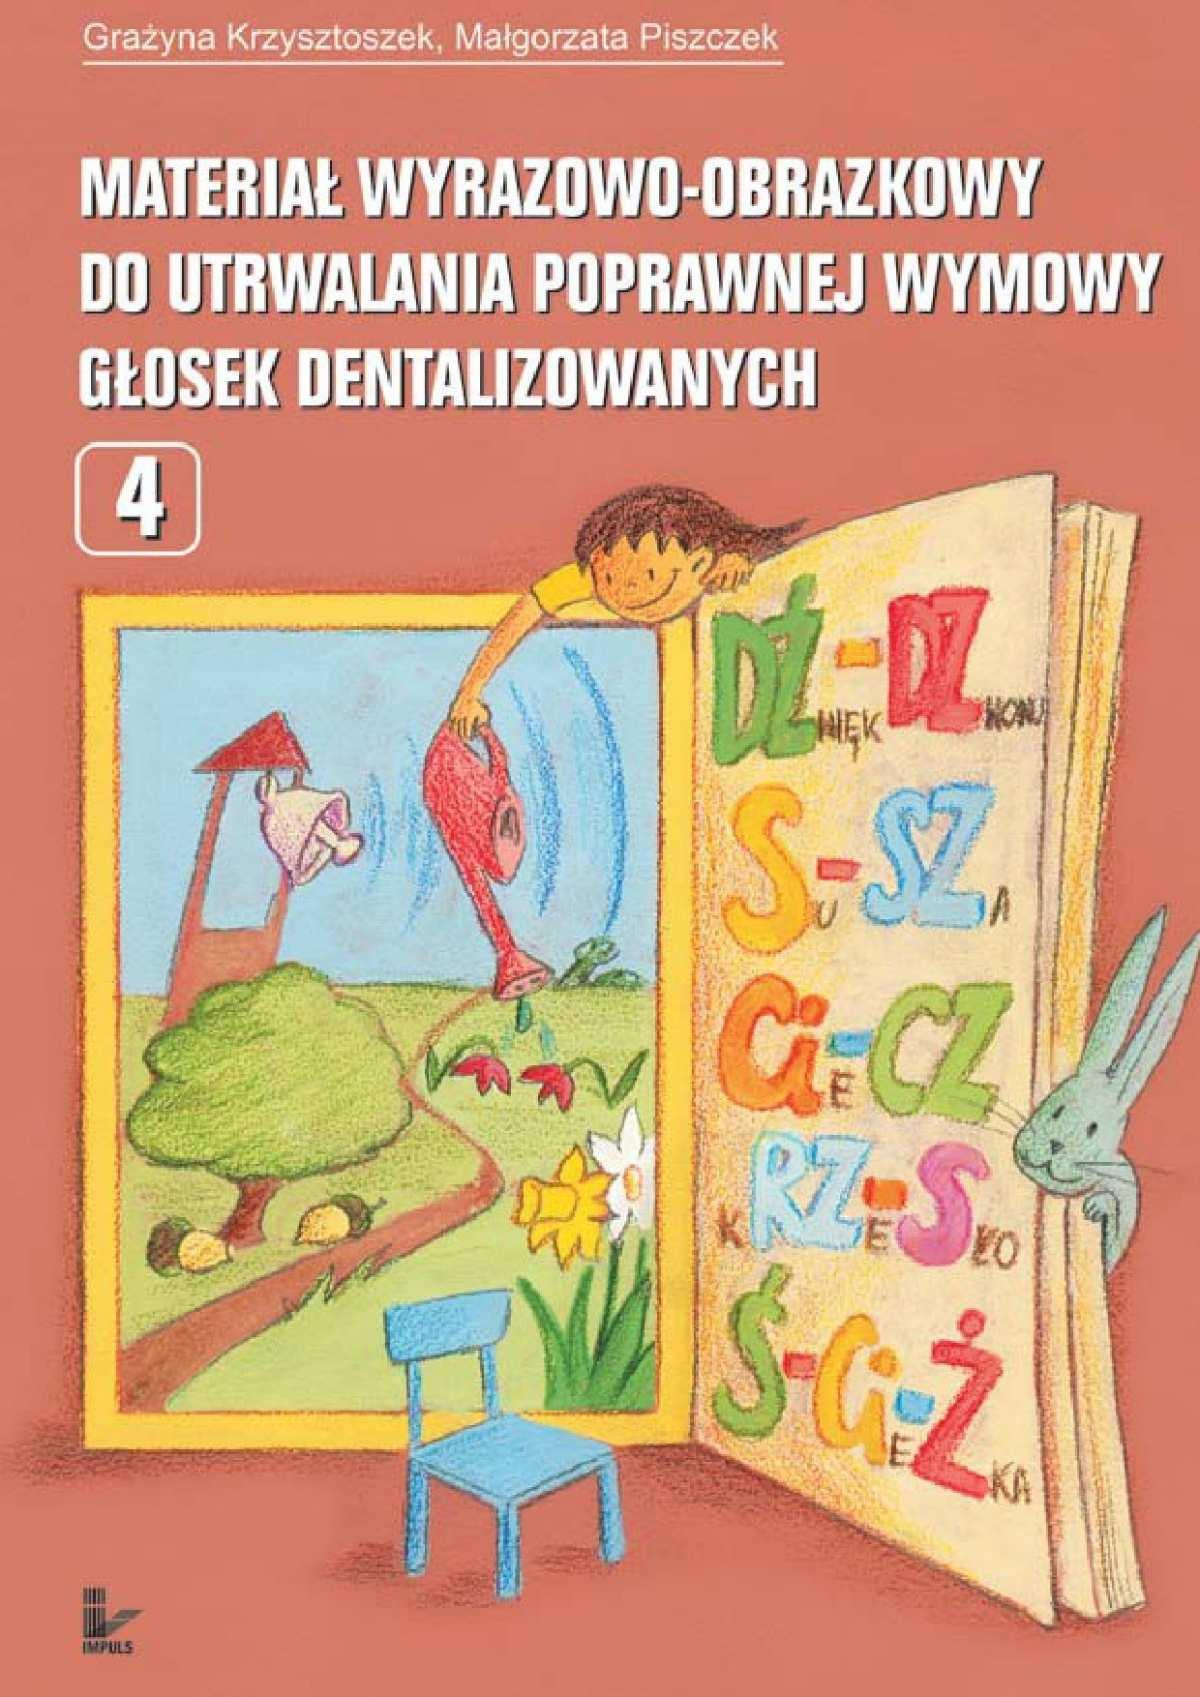 Materiał wyrazowo-obrazkowy do utrwalania poprawnej wymowy głosek dentalizowanych - Ebook (Książka EPUB) do pobrania w formacie EPUB